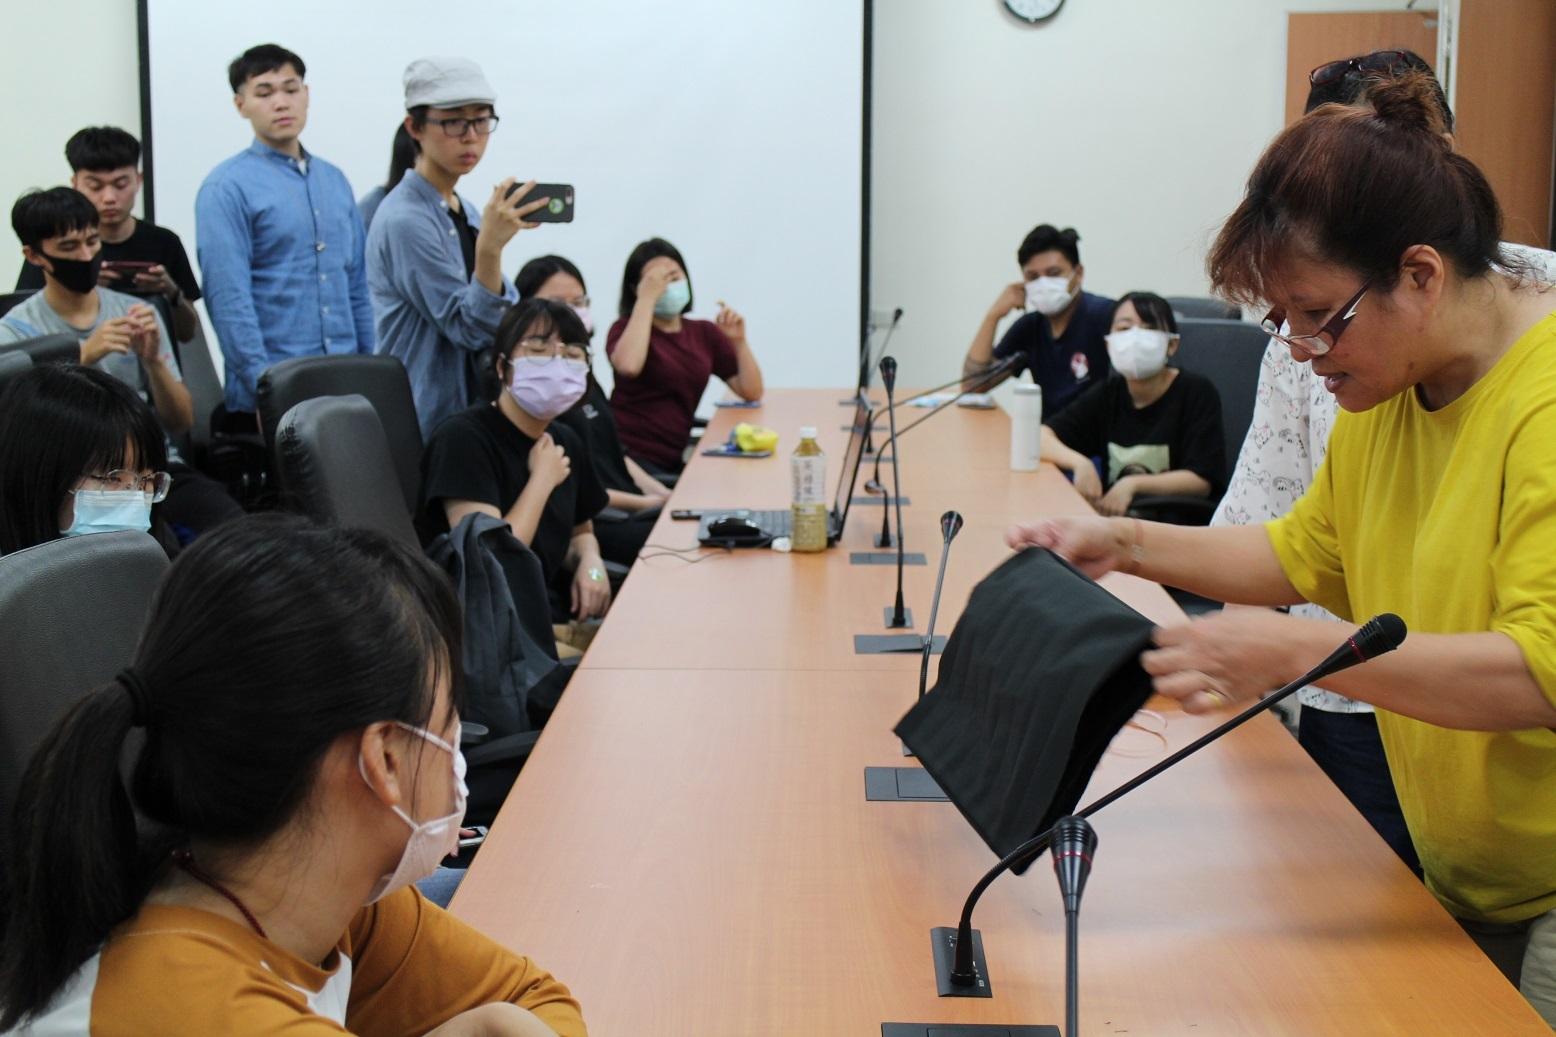 講師吳億樺(右方手持布料者)向同學說明布口罩套手縫方式